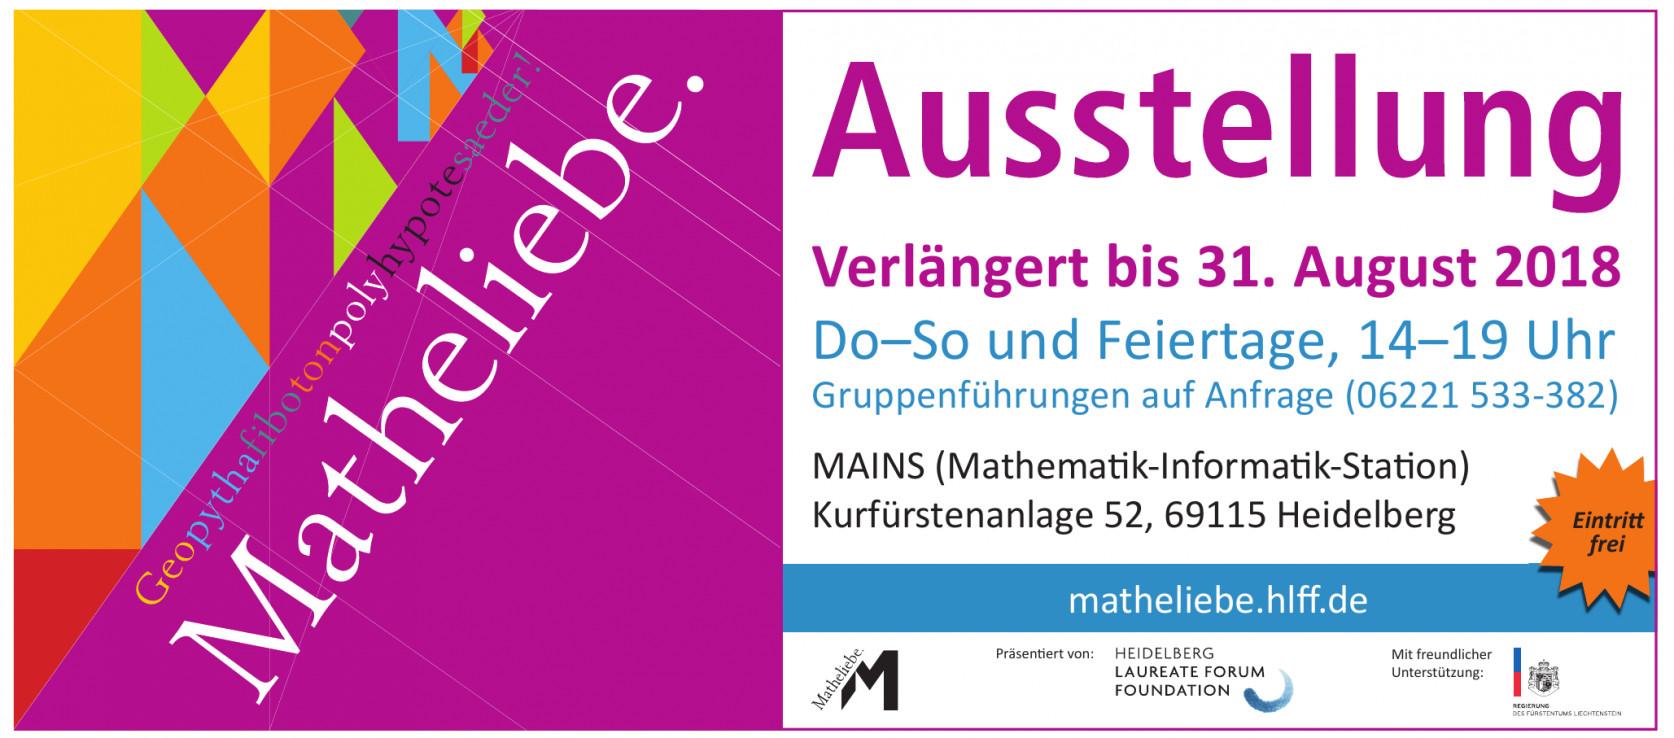 MAINS (Mathematik-Informatik-Station)